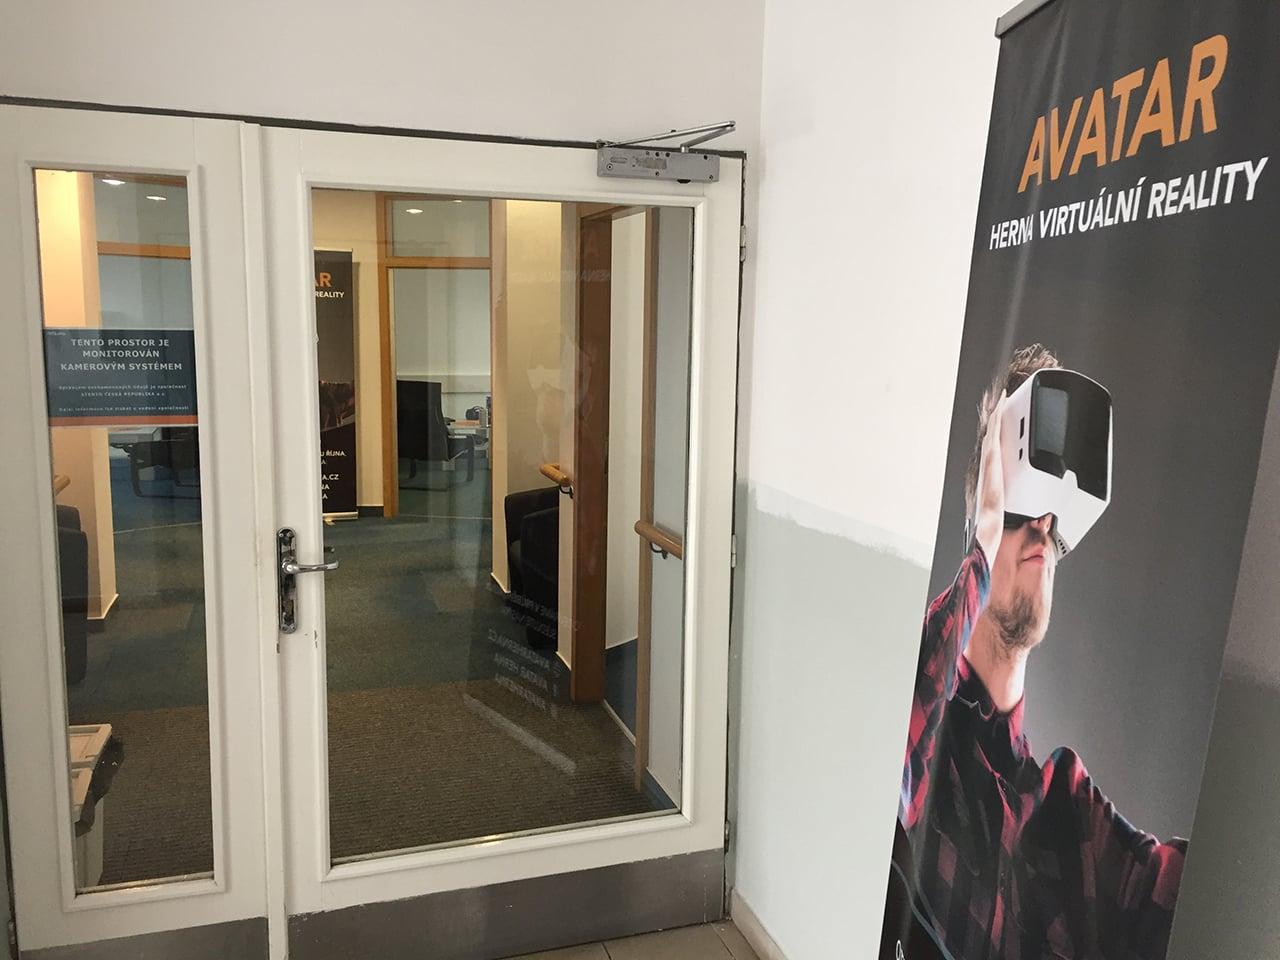 Avatar a Vortex, další podniky s virtuální realitou v Česku